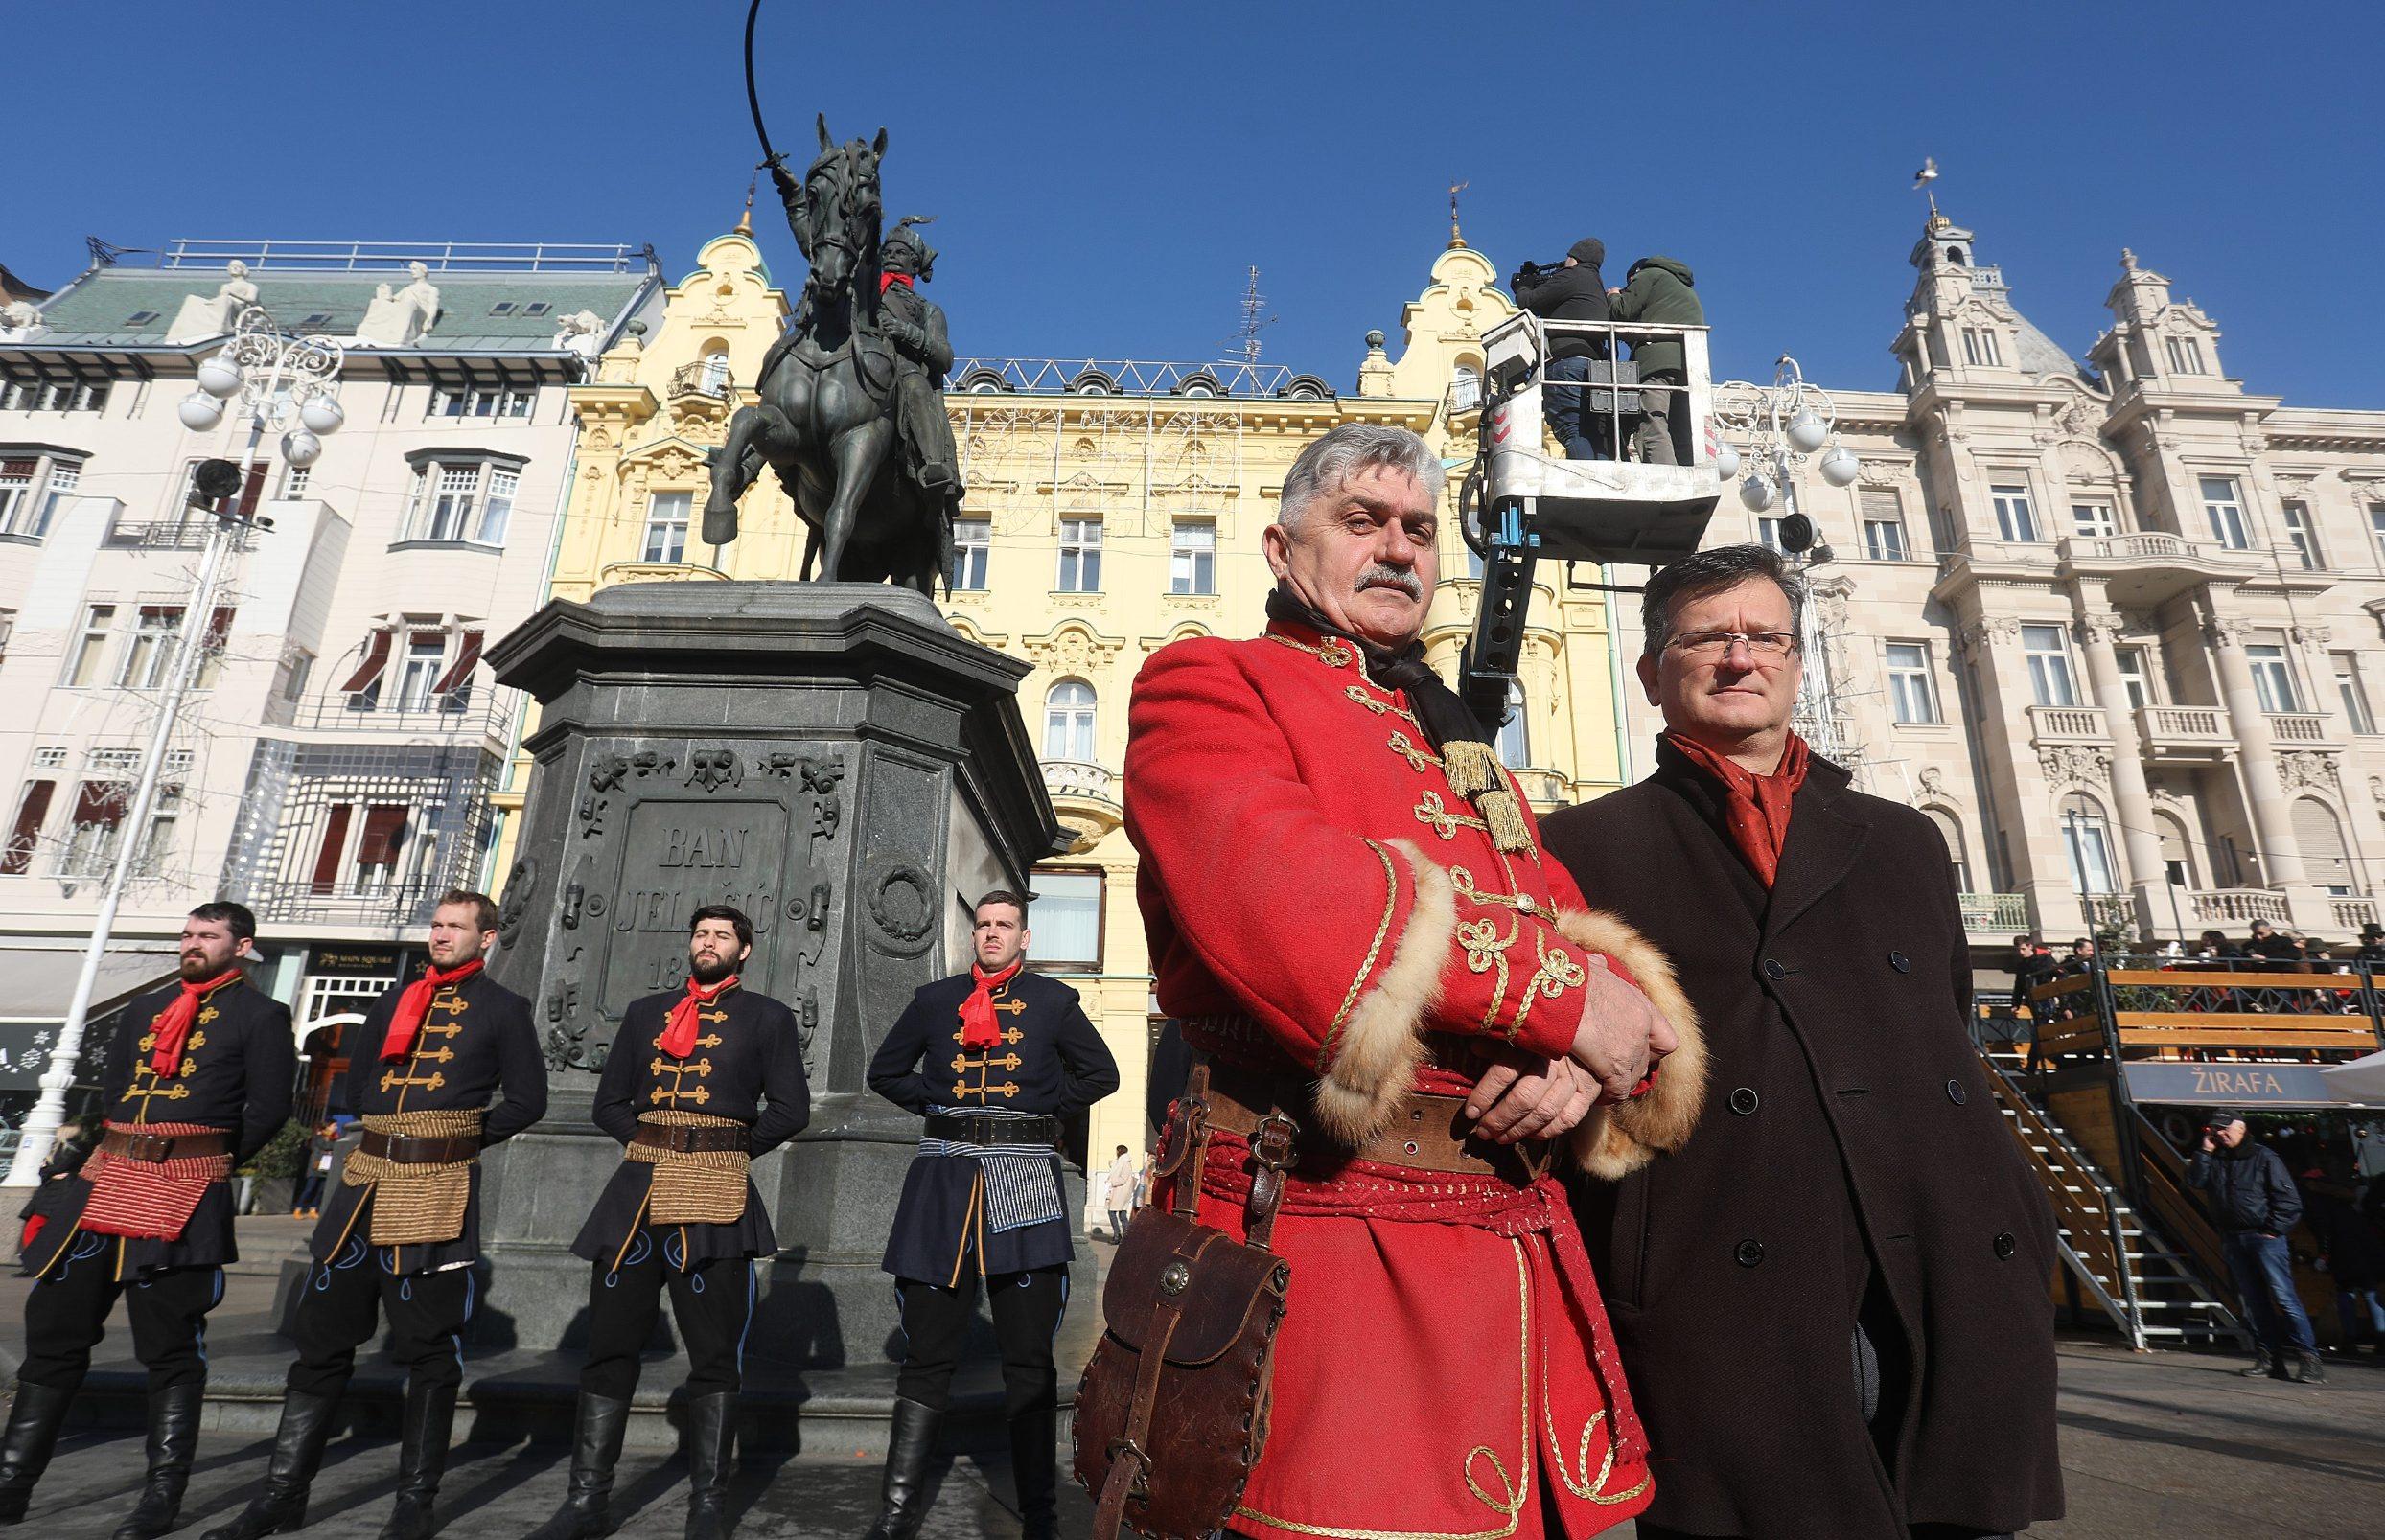 Željko Matejčić Mata, zapovjednik Počasne satnije Kravat pukovnije, i Nikola Albaneže